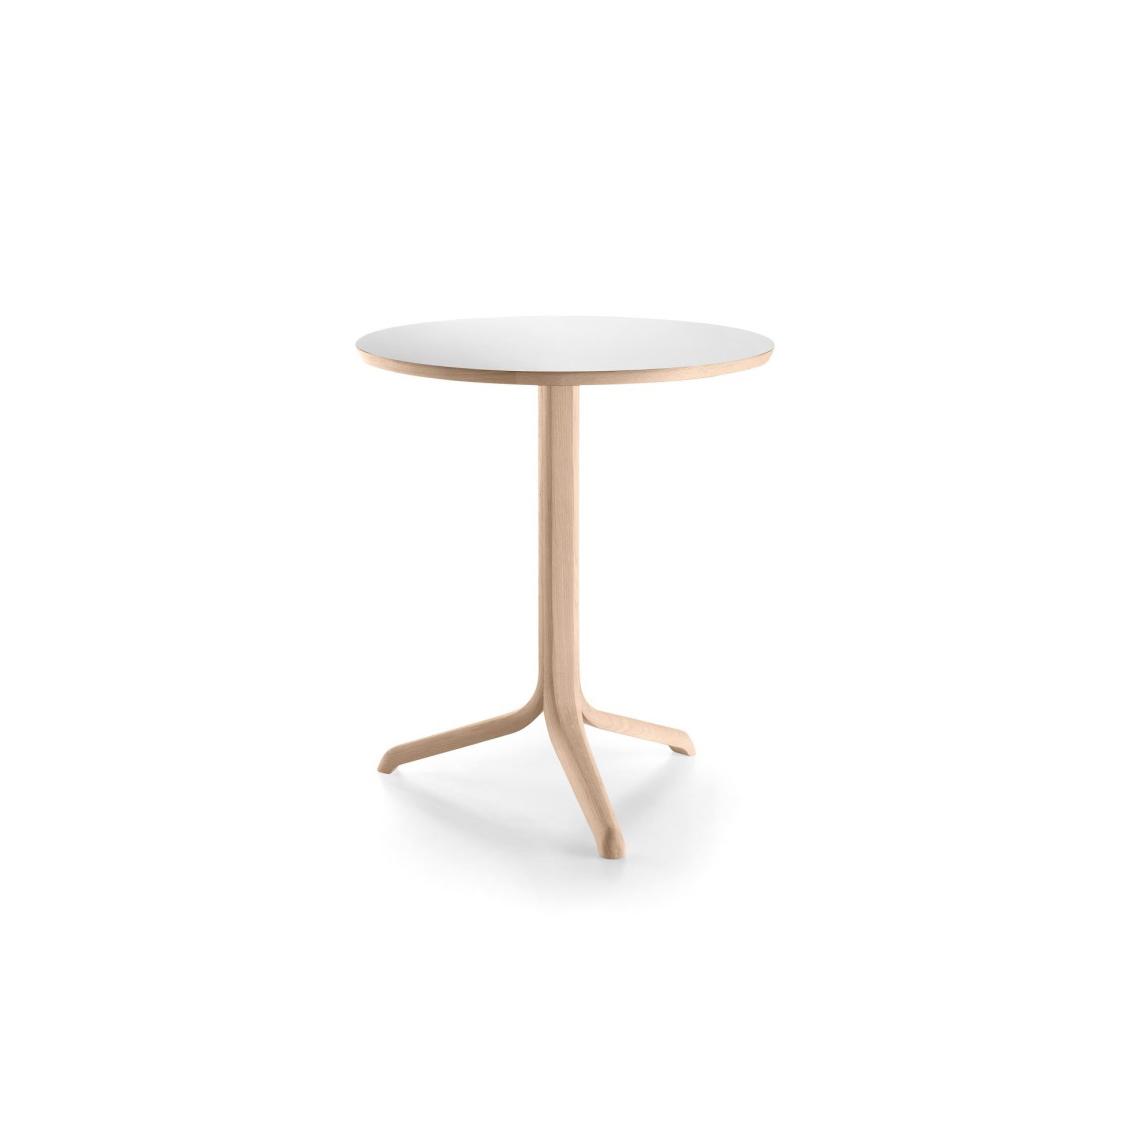 Jantzi bistrot table round - на 360.ru: цены, описание, характеристики, где купить в Москве.